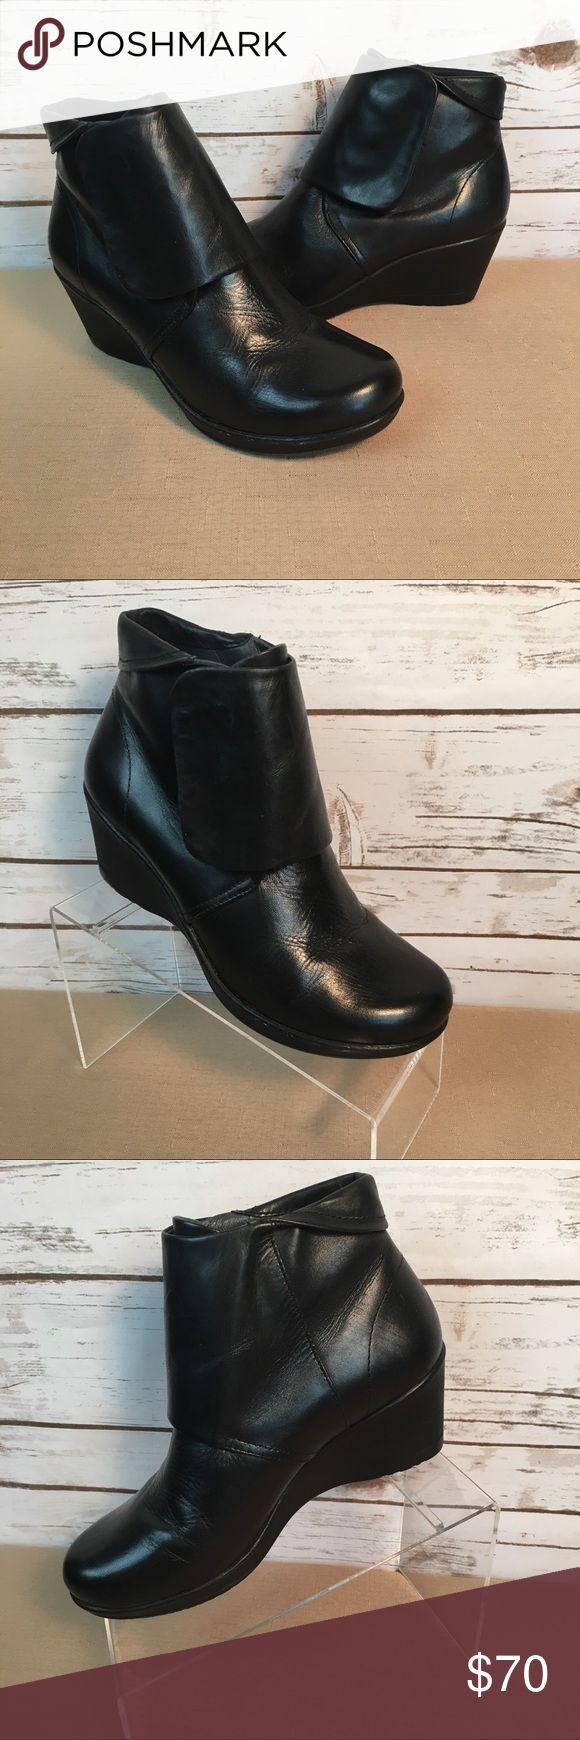 """Dansko Black Wedge Ankle Boots Dansko Black Wedge Ankle Boots.  EU 38/US 7.5-8.  Pre owned - gently worn.  Wedge approx 2 3/4"""". Dansko Shoes Wedges"""